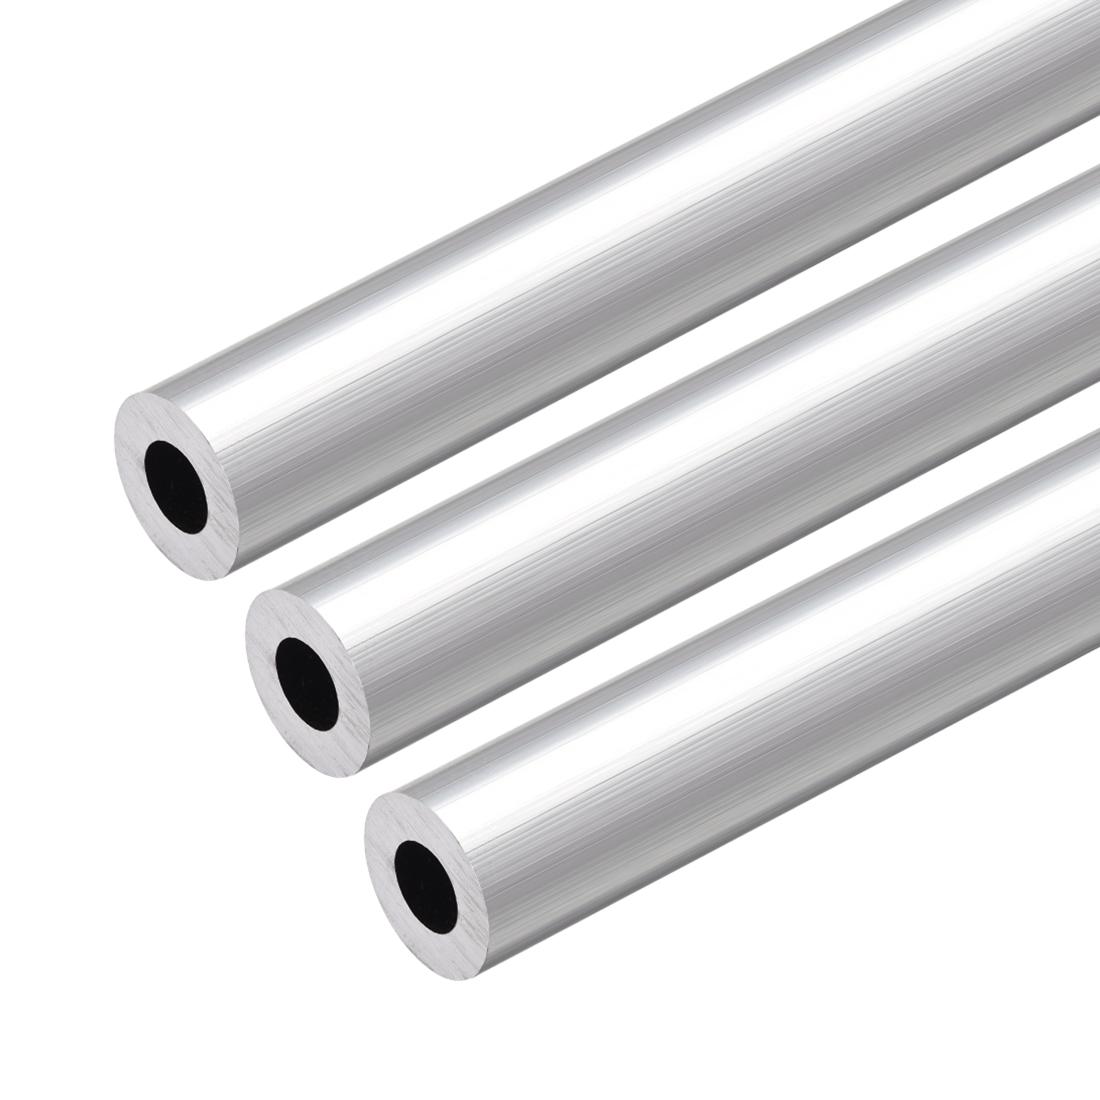 6063 Aluminum Round Tube 300mm Length 18mm OD 9mm Inner Dia Seamless Tubing 3pcs